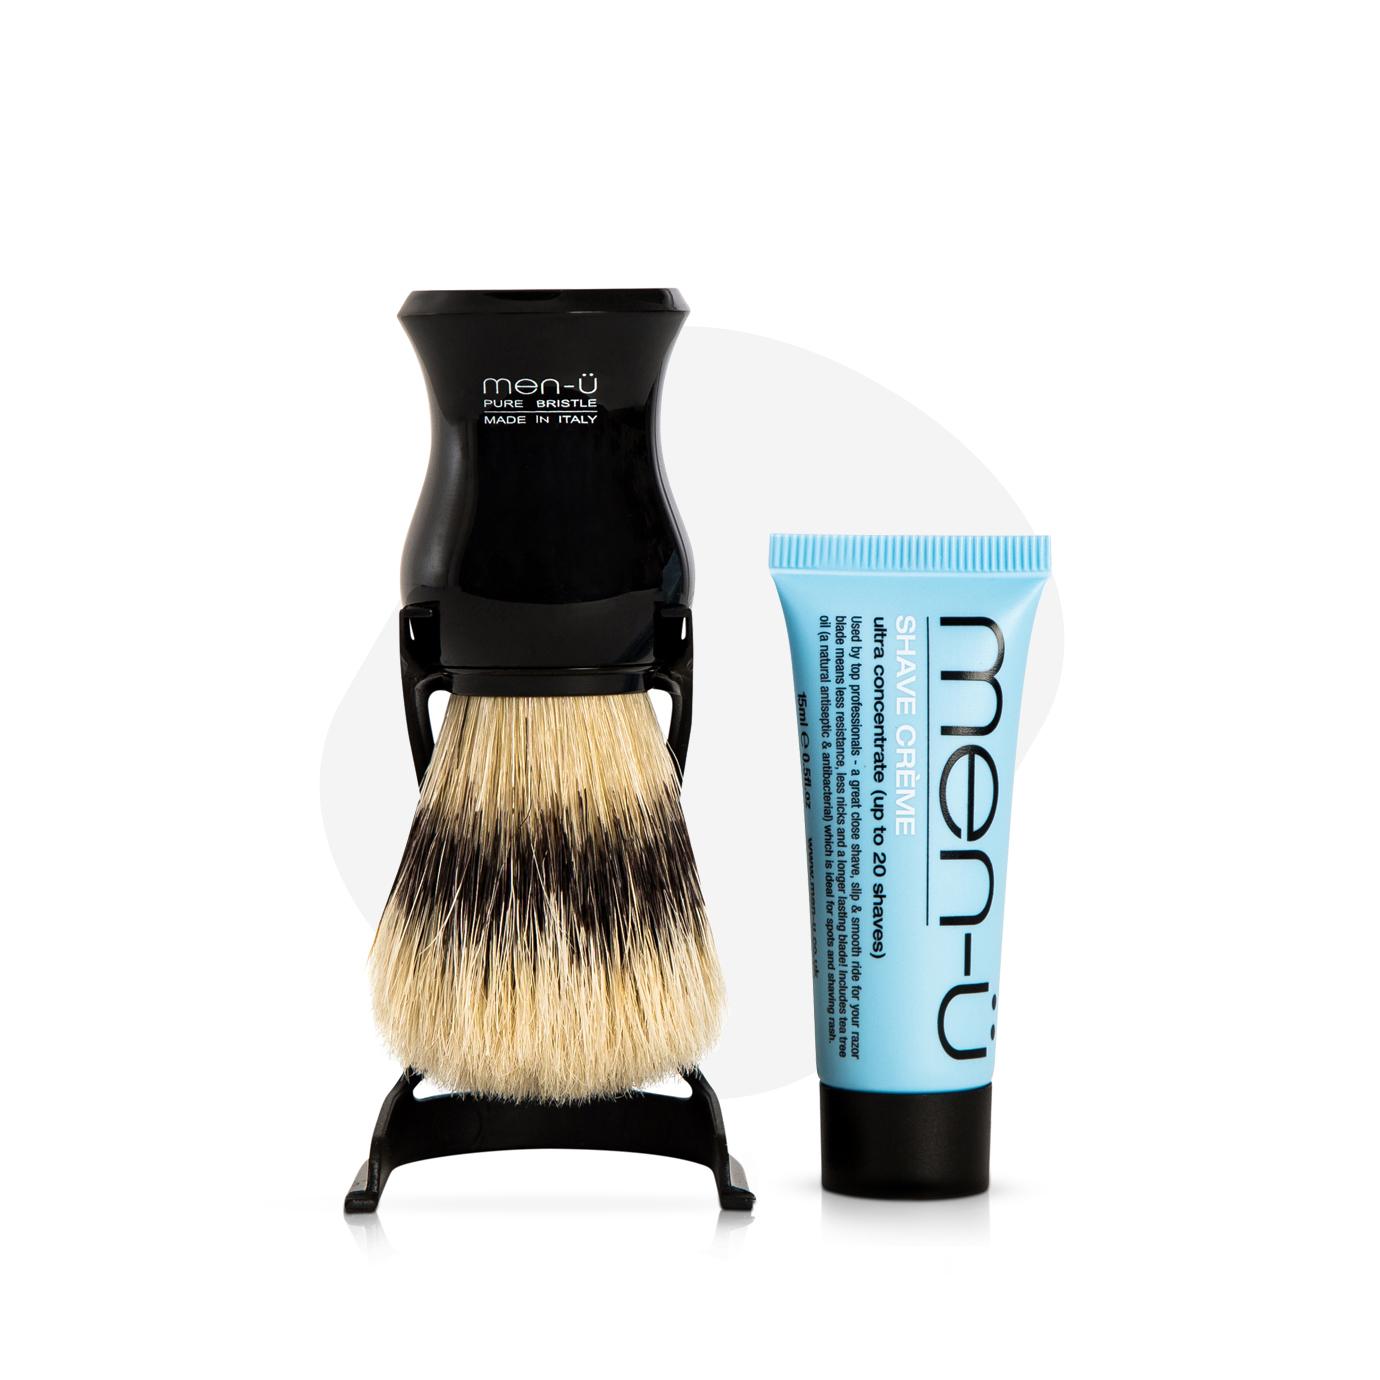 men-u Barbiere zestaw pędzel + stojak + mini krem do golenia 15ml